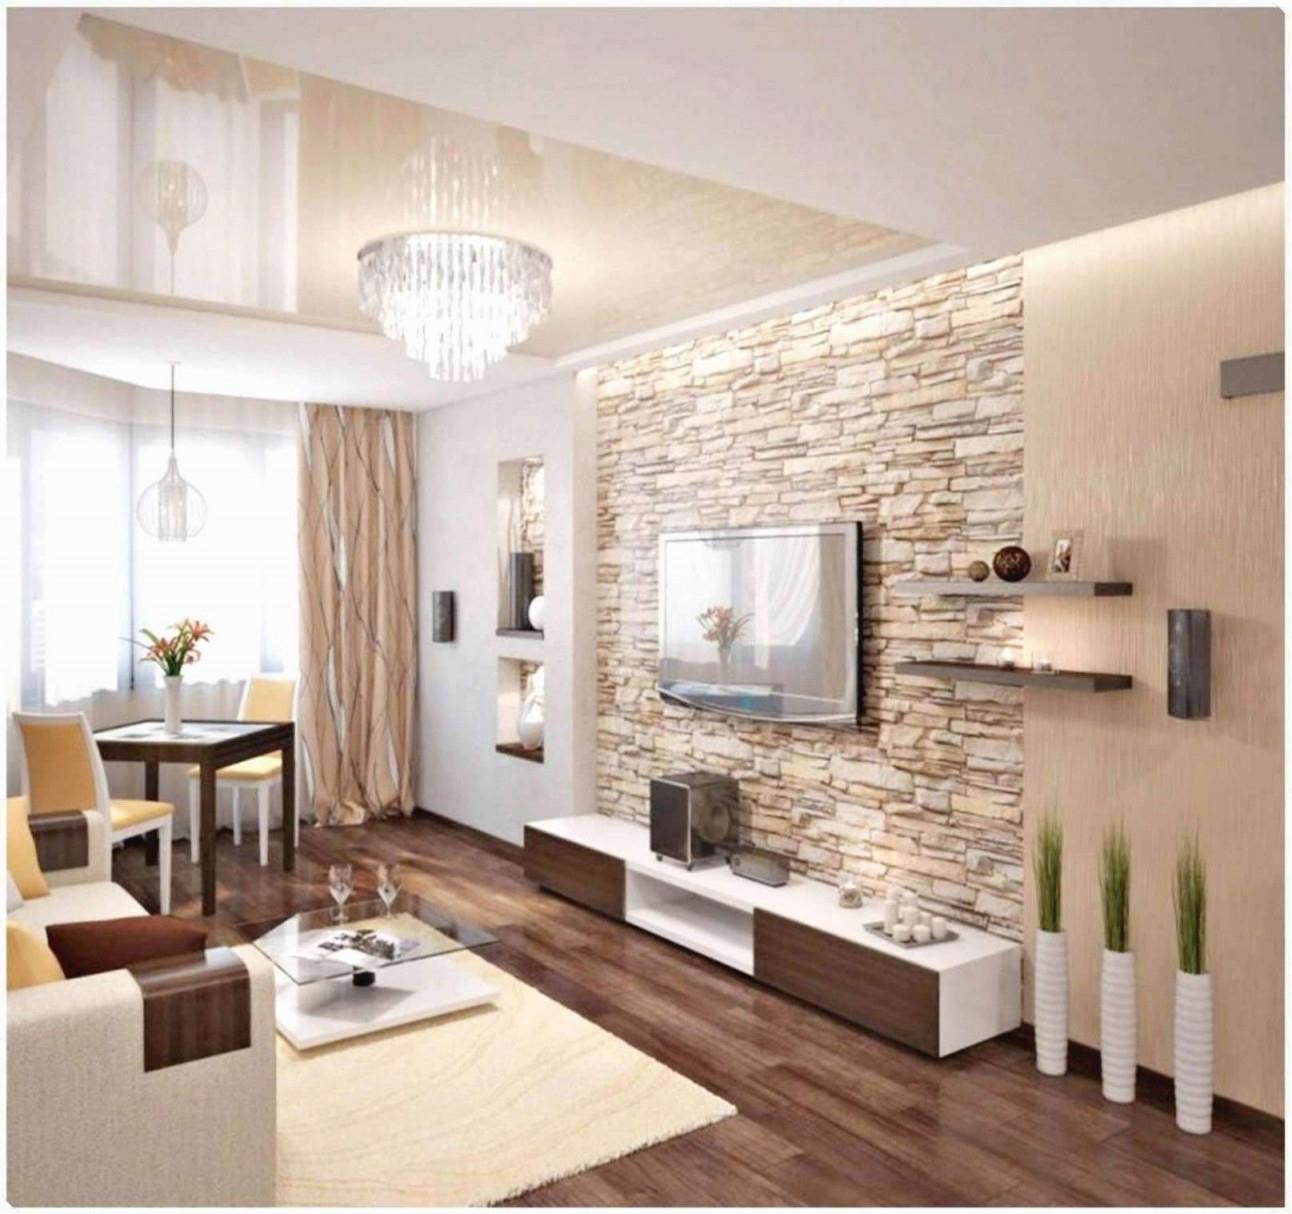 30 Luxus Kleines Wohnzimmer Mit Essbereich Einrichten von Wohnzimmer Mit Essbereich Einrichten Bild